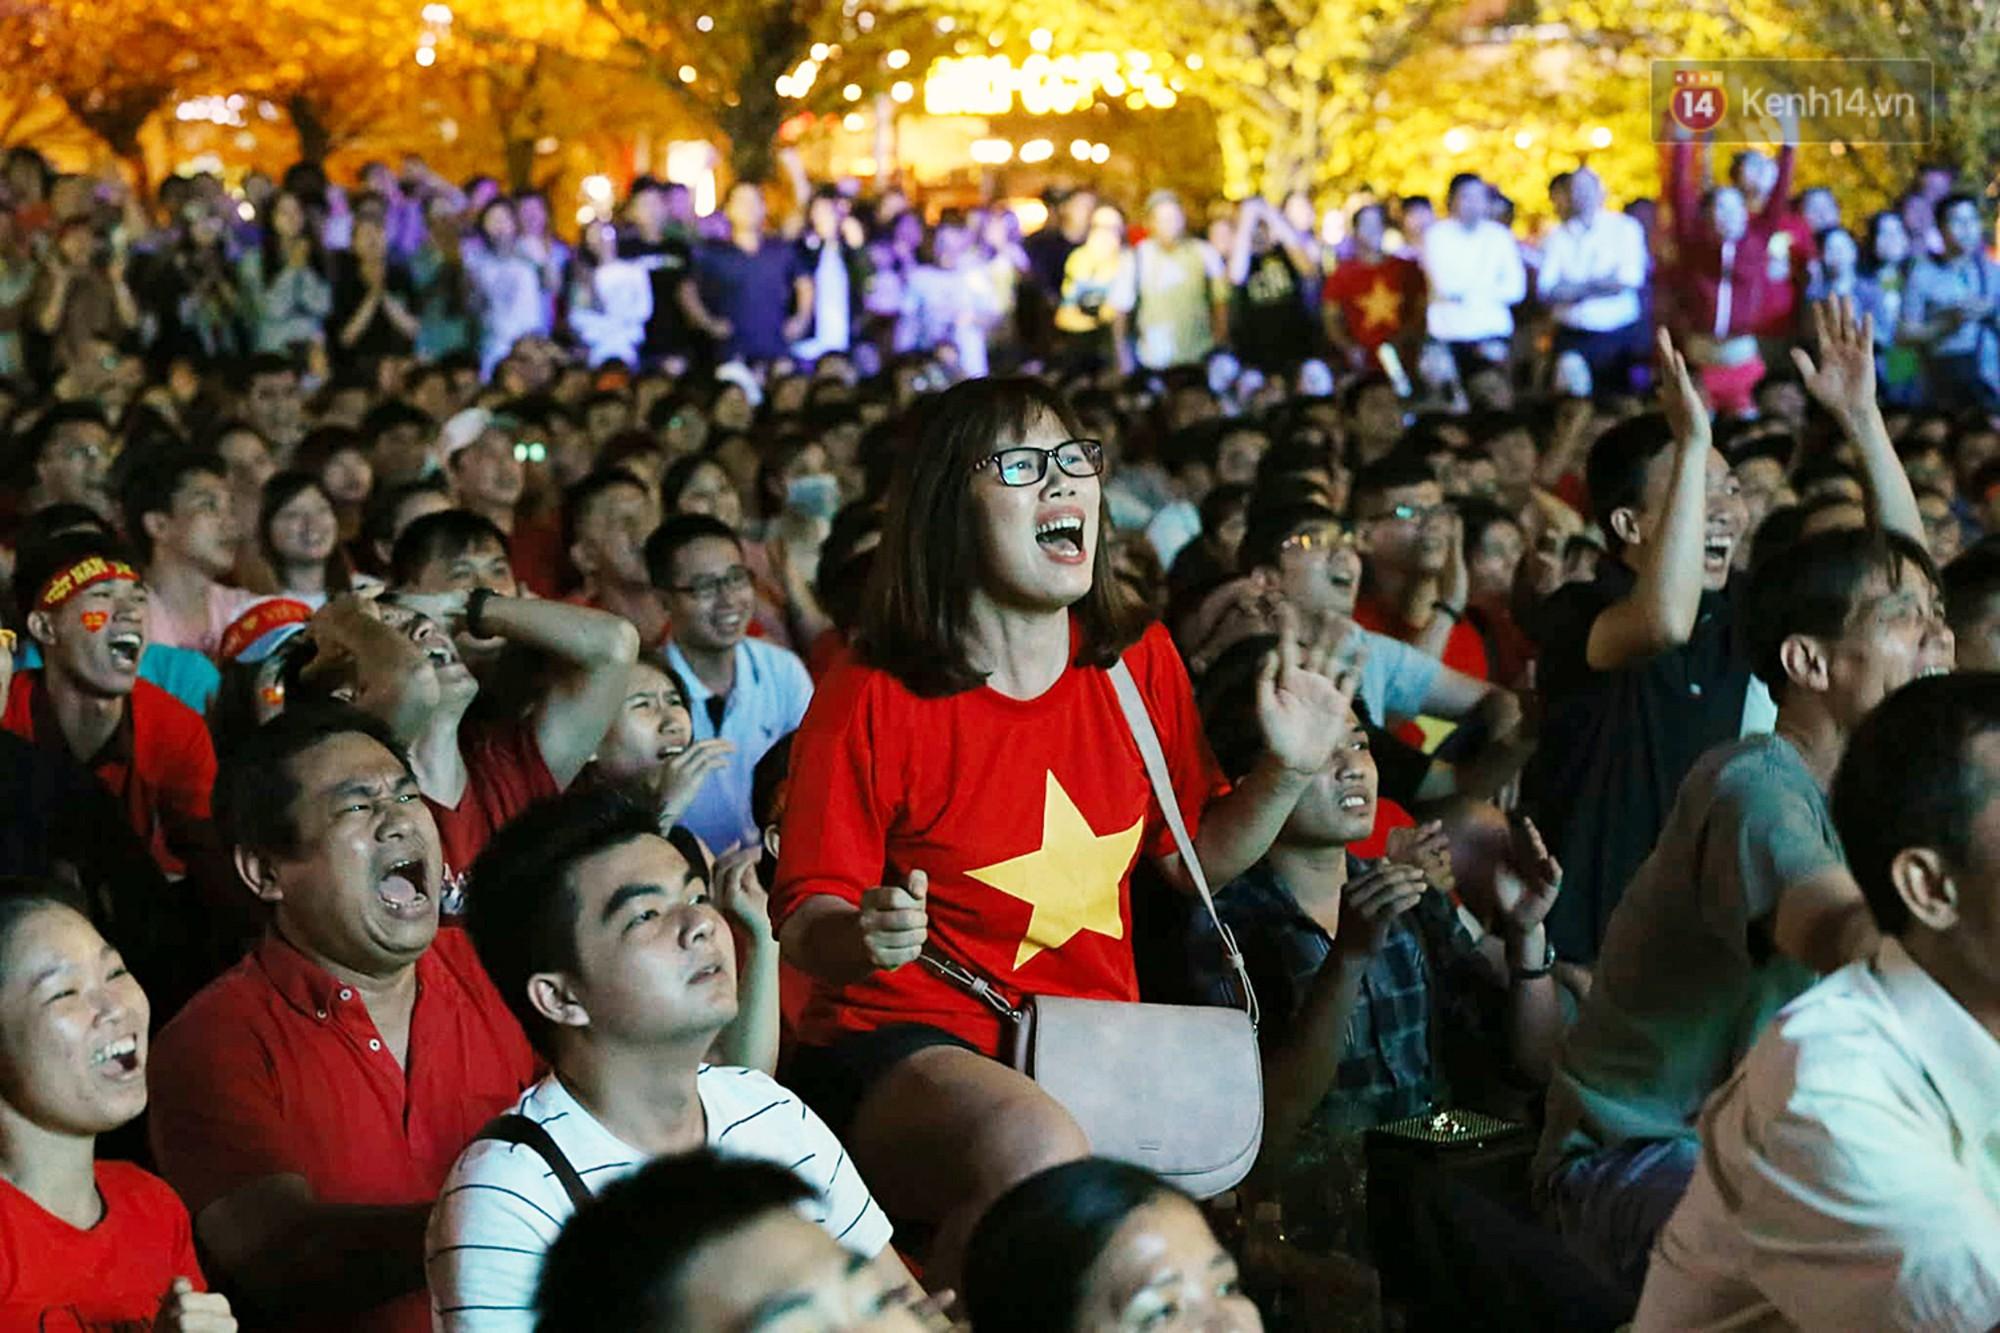 120 phút khó quên: Những cảm xúc từ hụt hẫng, thót tim đến vỡ òa hạnh phúc của người hâm mộ trong trận thắng lịch sử của ĐT Việt Nam - Ảnh 2.